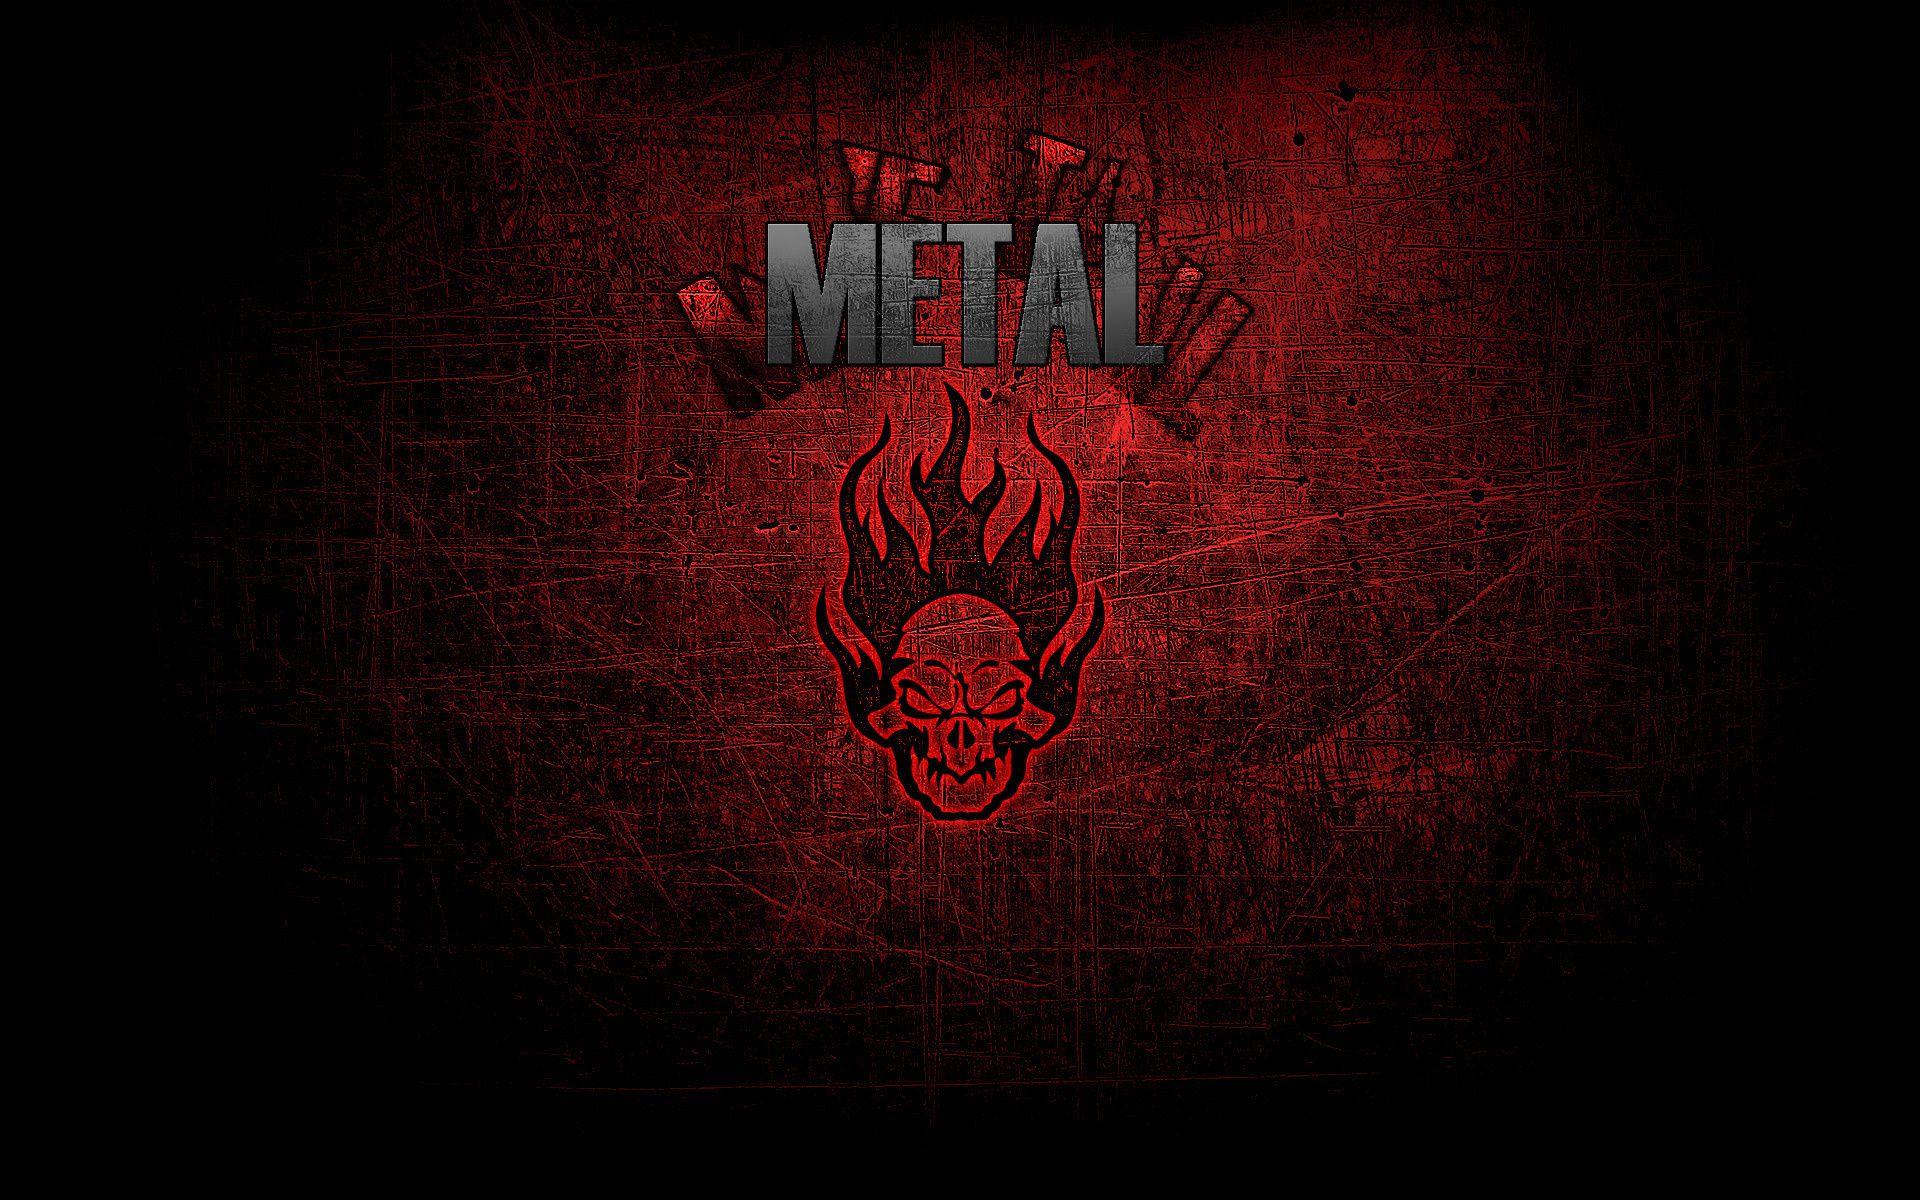 Метал музыка череп стиль metal